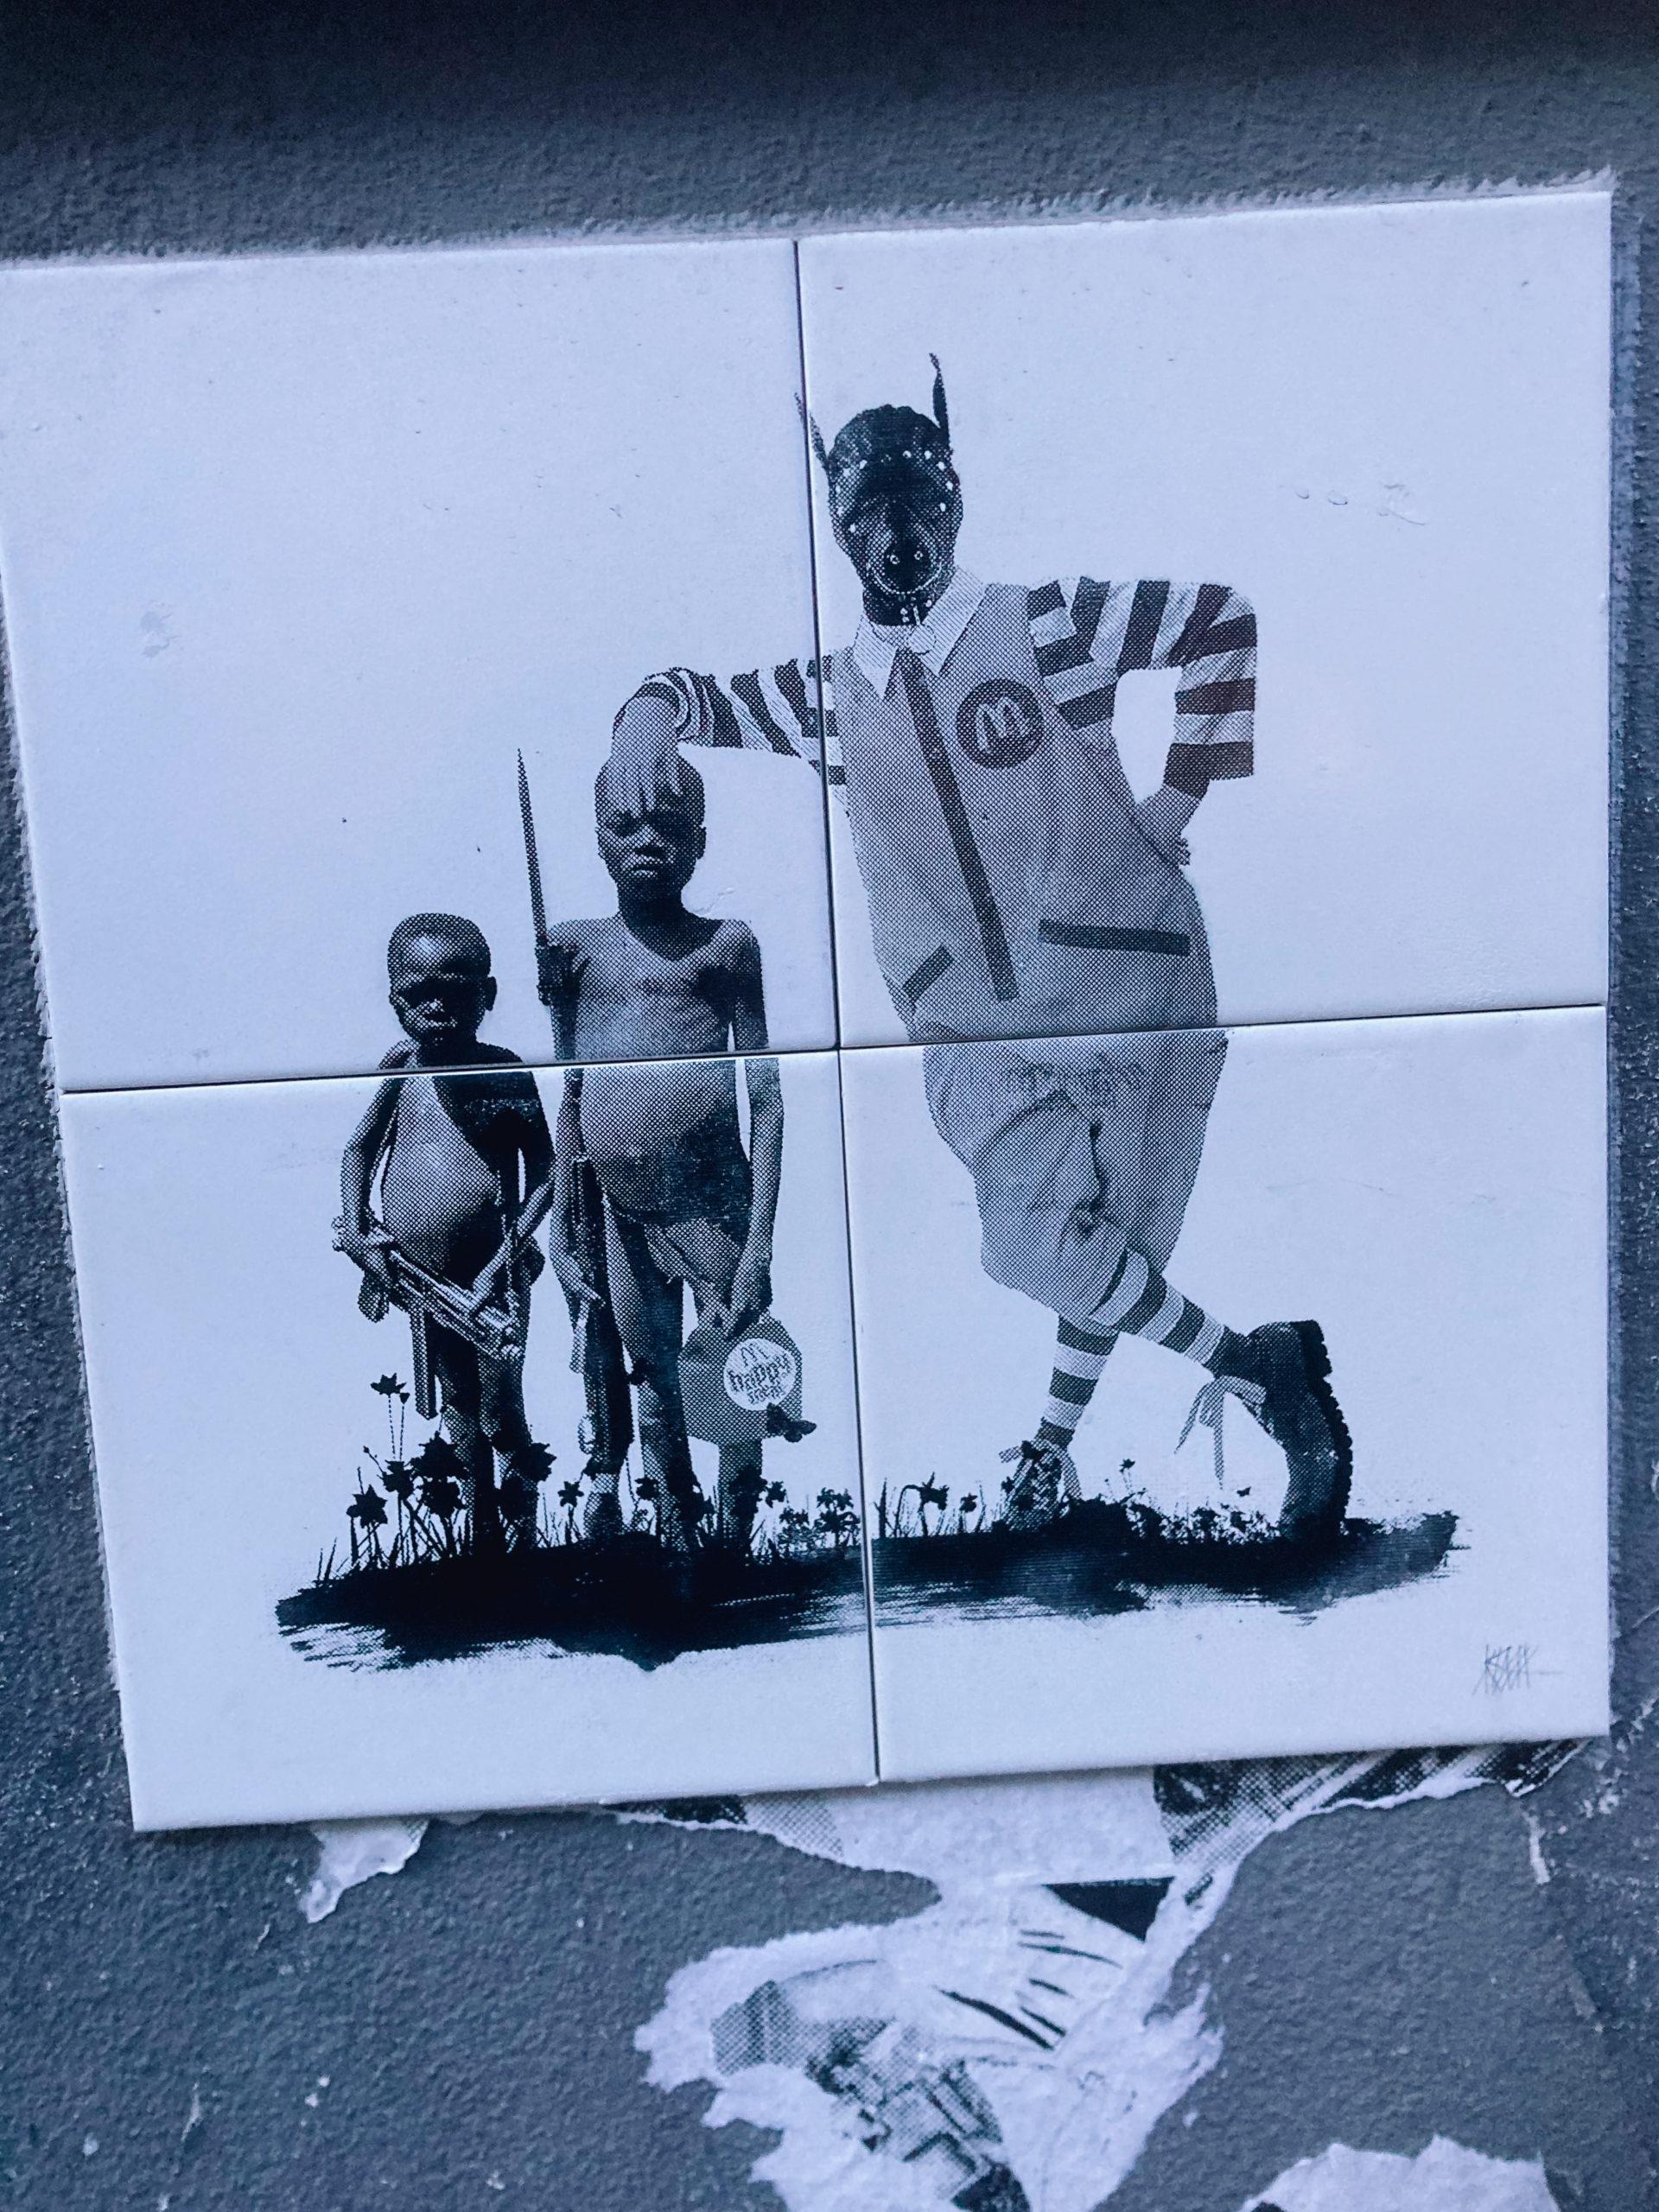 Straßenkunst in einem Viertel von Köln, das sich wunderbar mit dem Fahrrad erkunden lässt